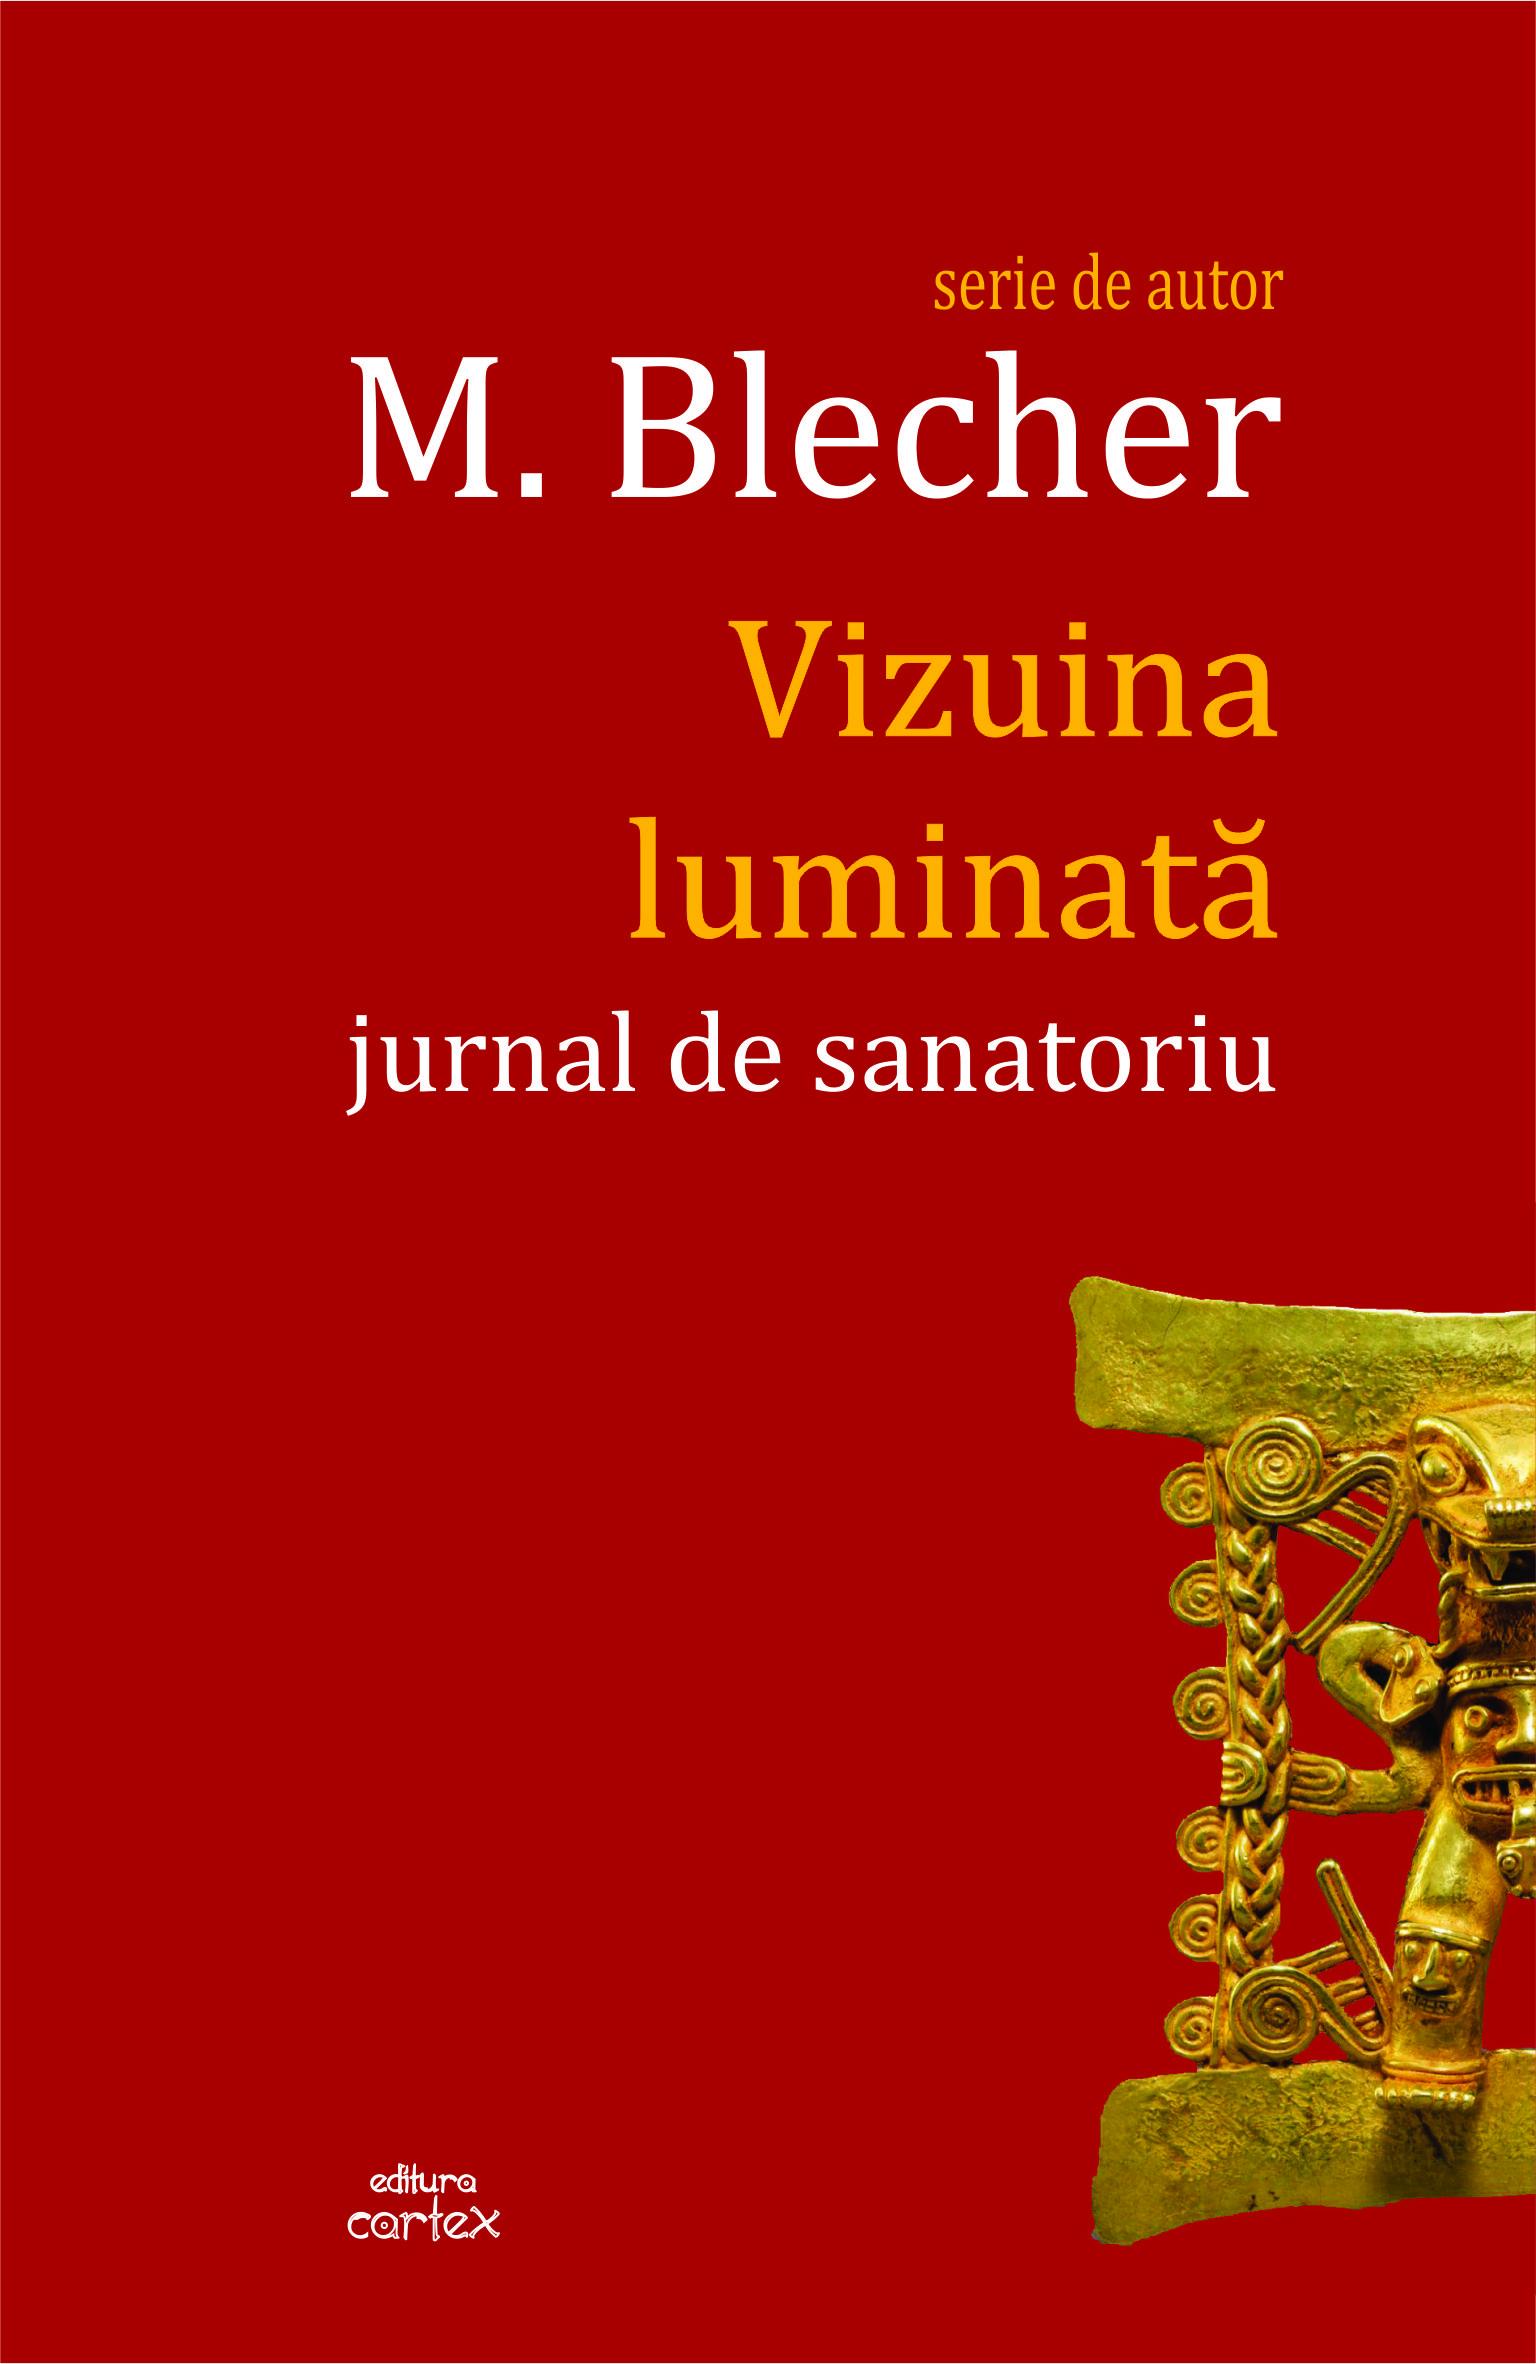 M. Blecher, Vizuina luminata [jurnal de sanatoriu]